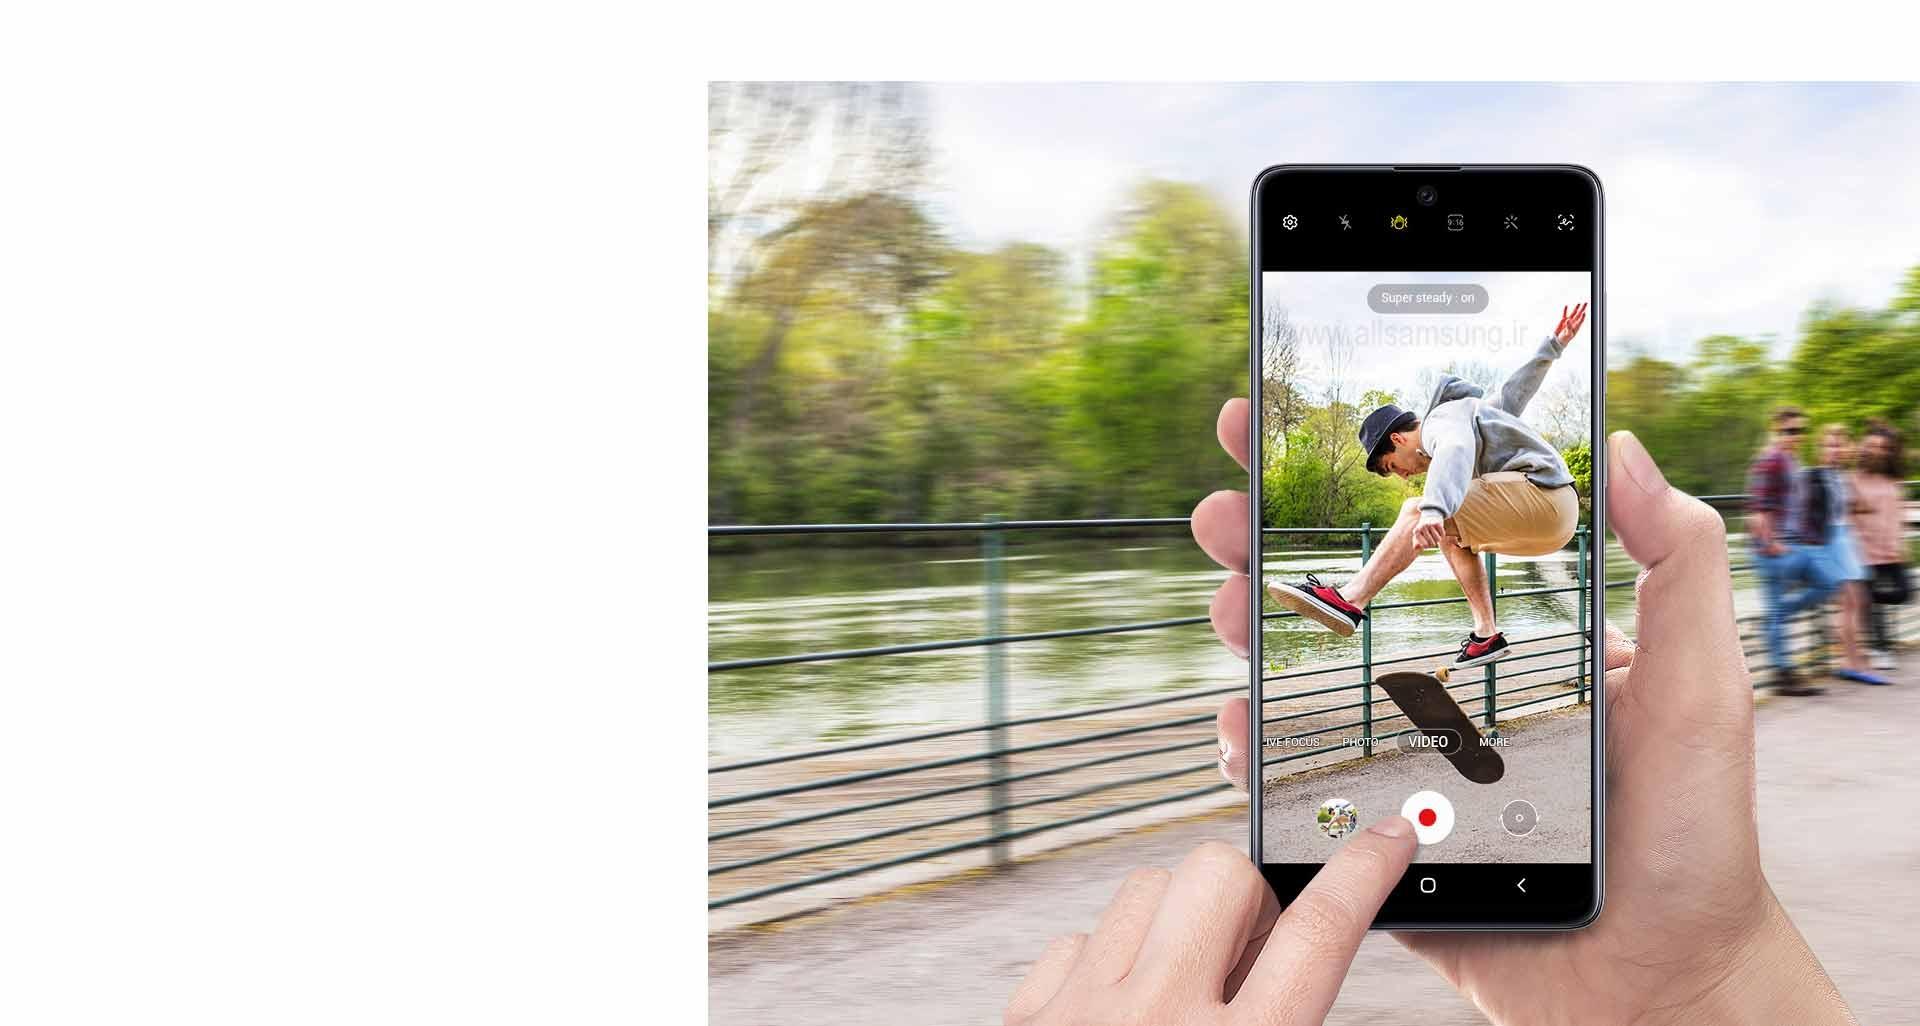 ثبت ویدیوی بدون لرزش با حالت Super Steady گوشی گلکسی A71